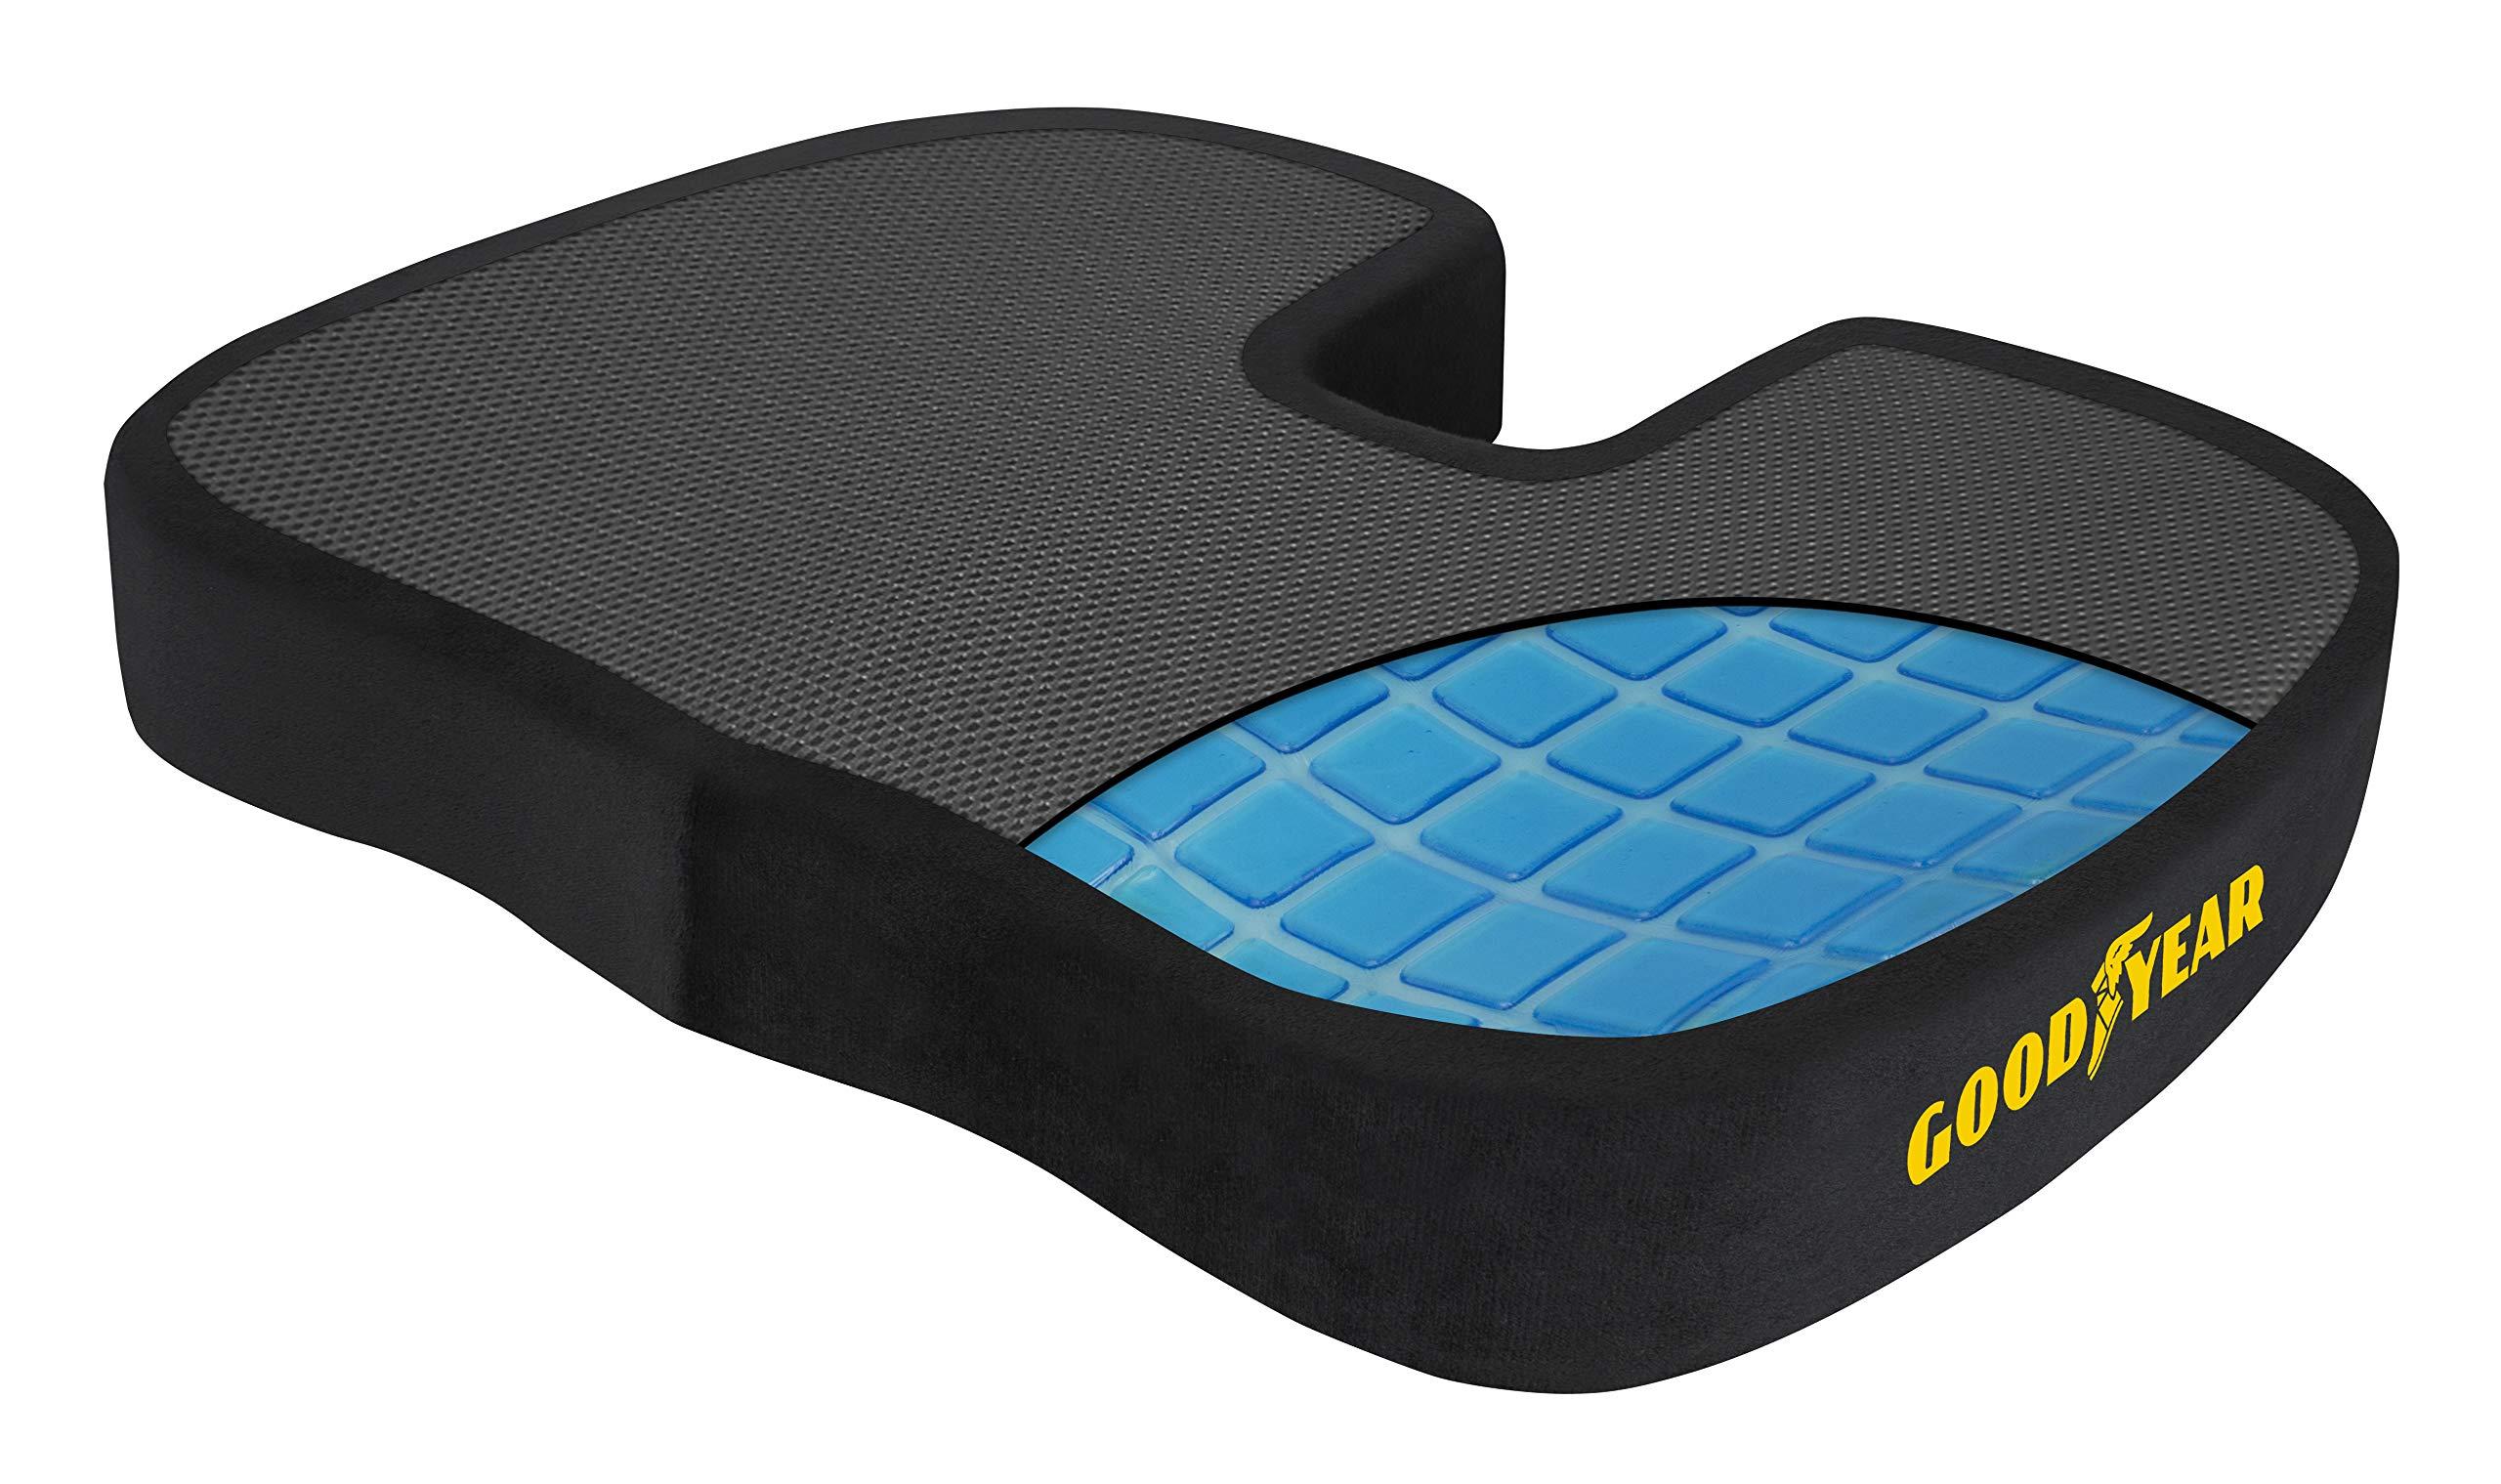 Goodyear GY1238 Orthopedic Gel Seat Cushion by Goodyear